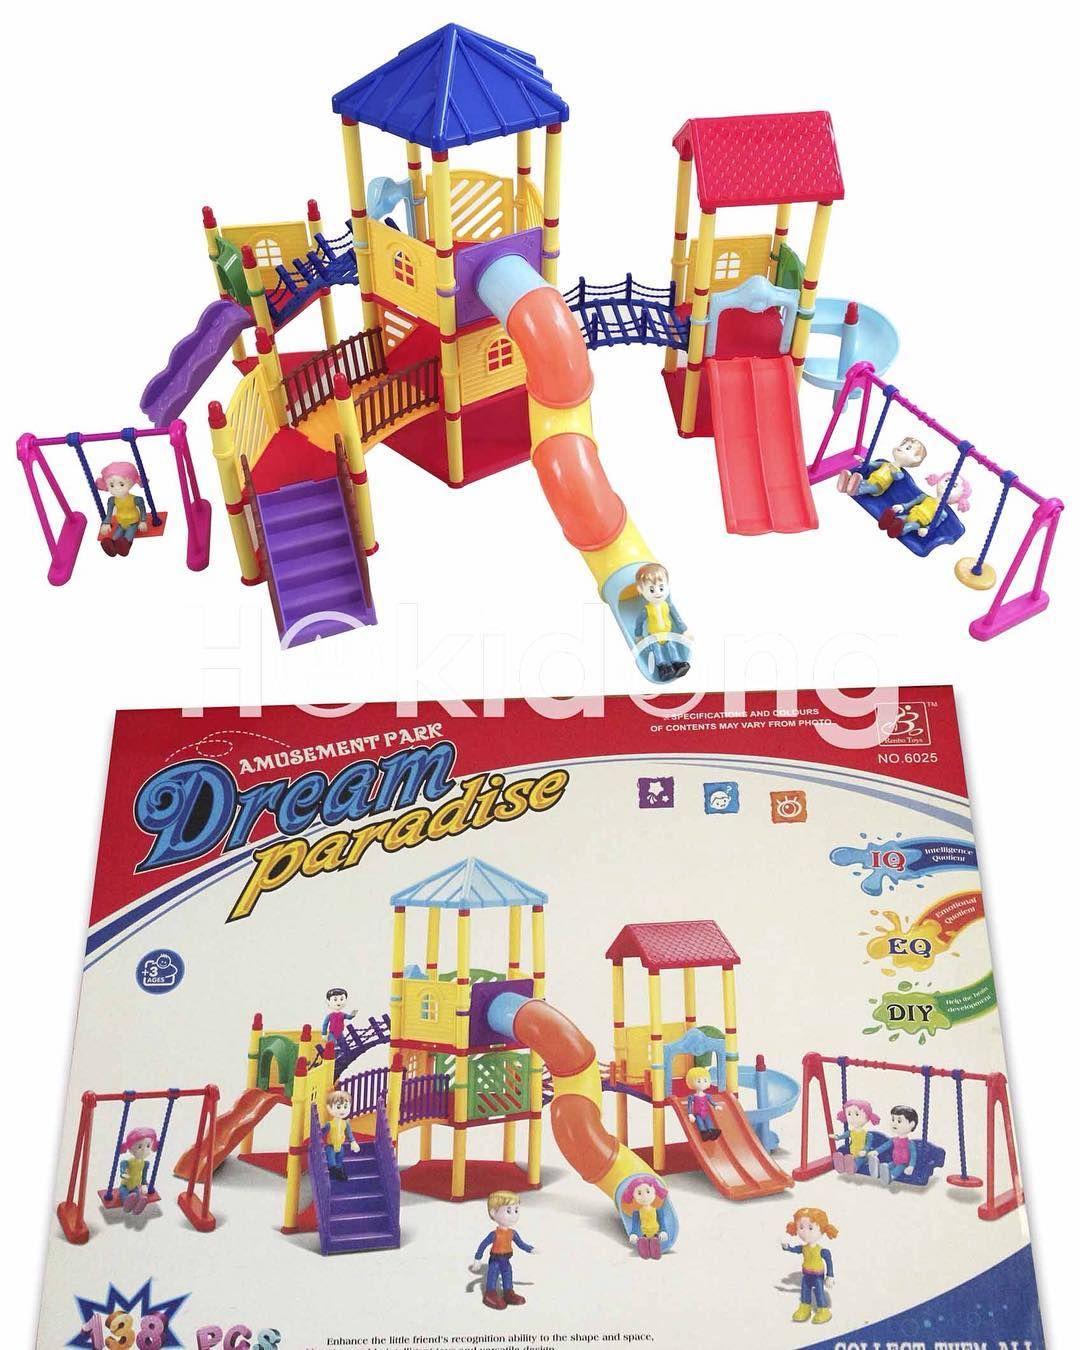 Dream Paradise Blocks Seperti Lego Sehingga Anak Dapat Merancang